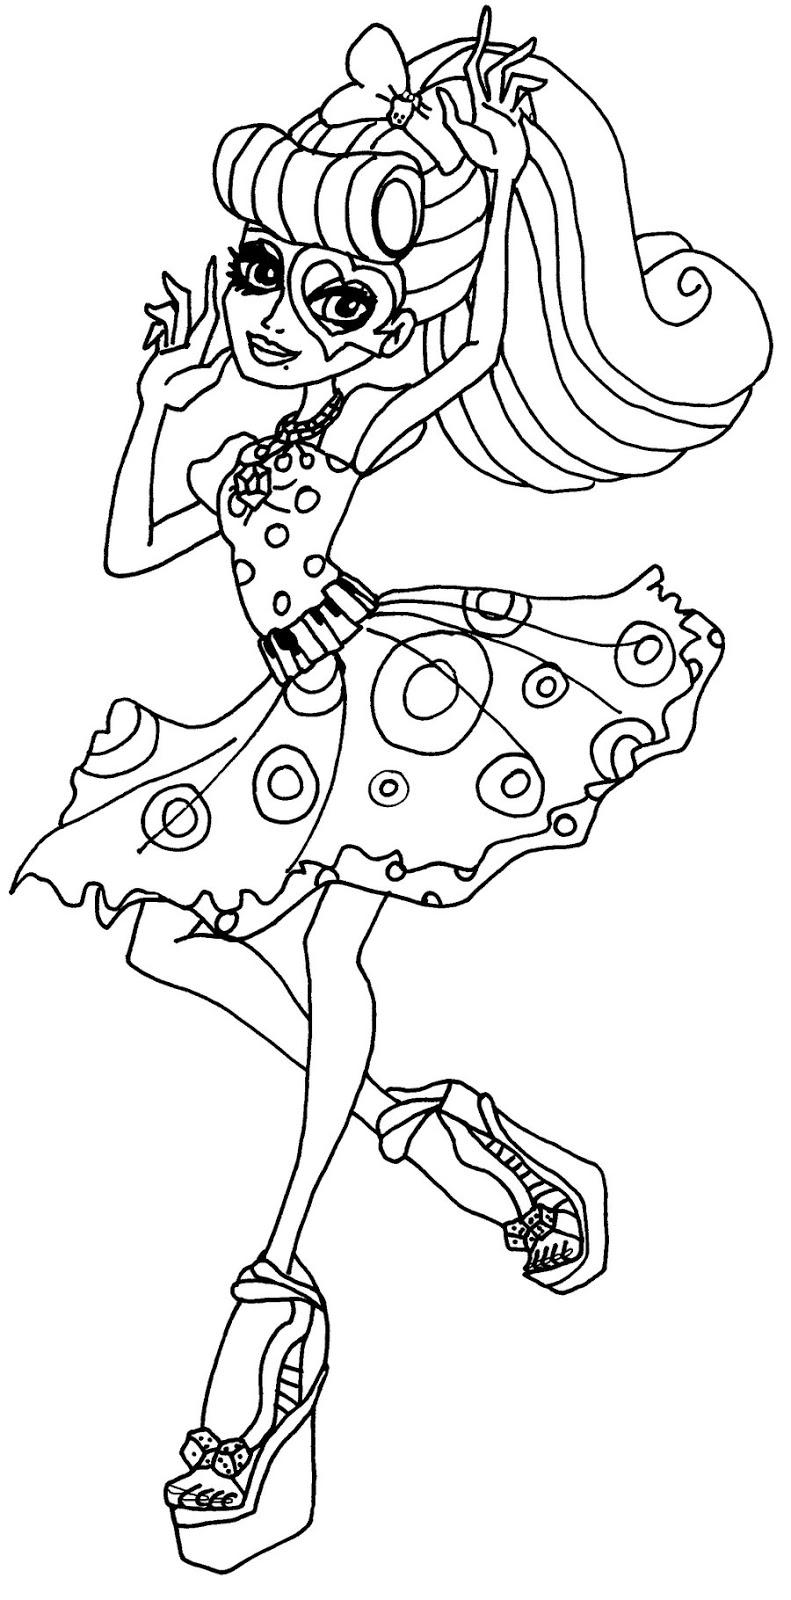 Dorable Para Colorear Elf Imagen - Dibujos Para Colorear En Línea ...